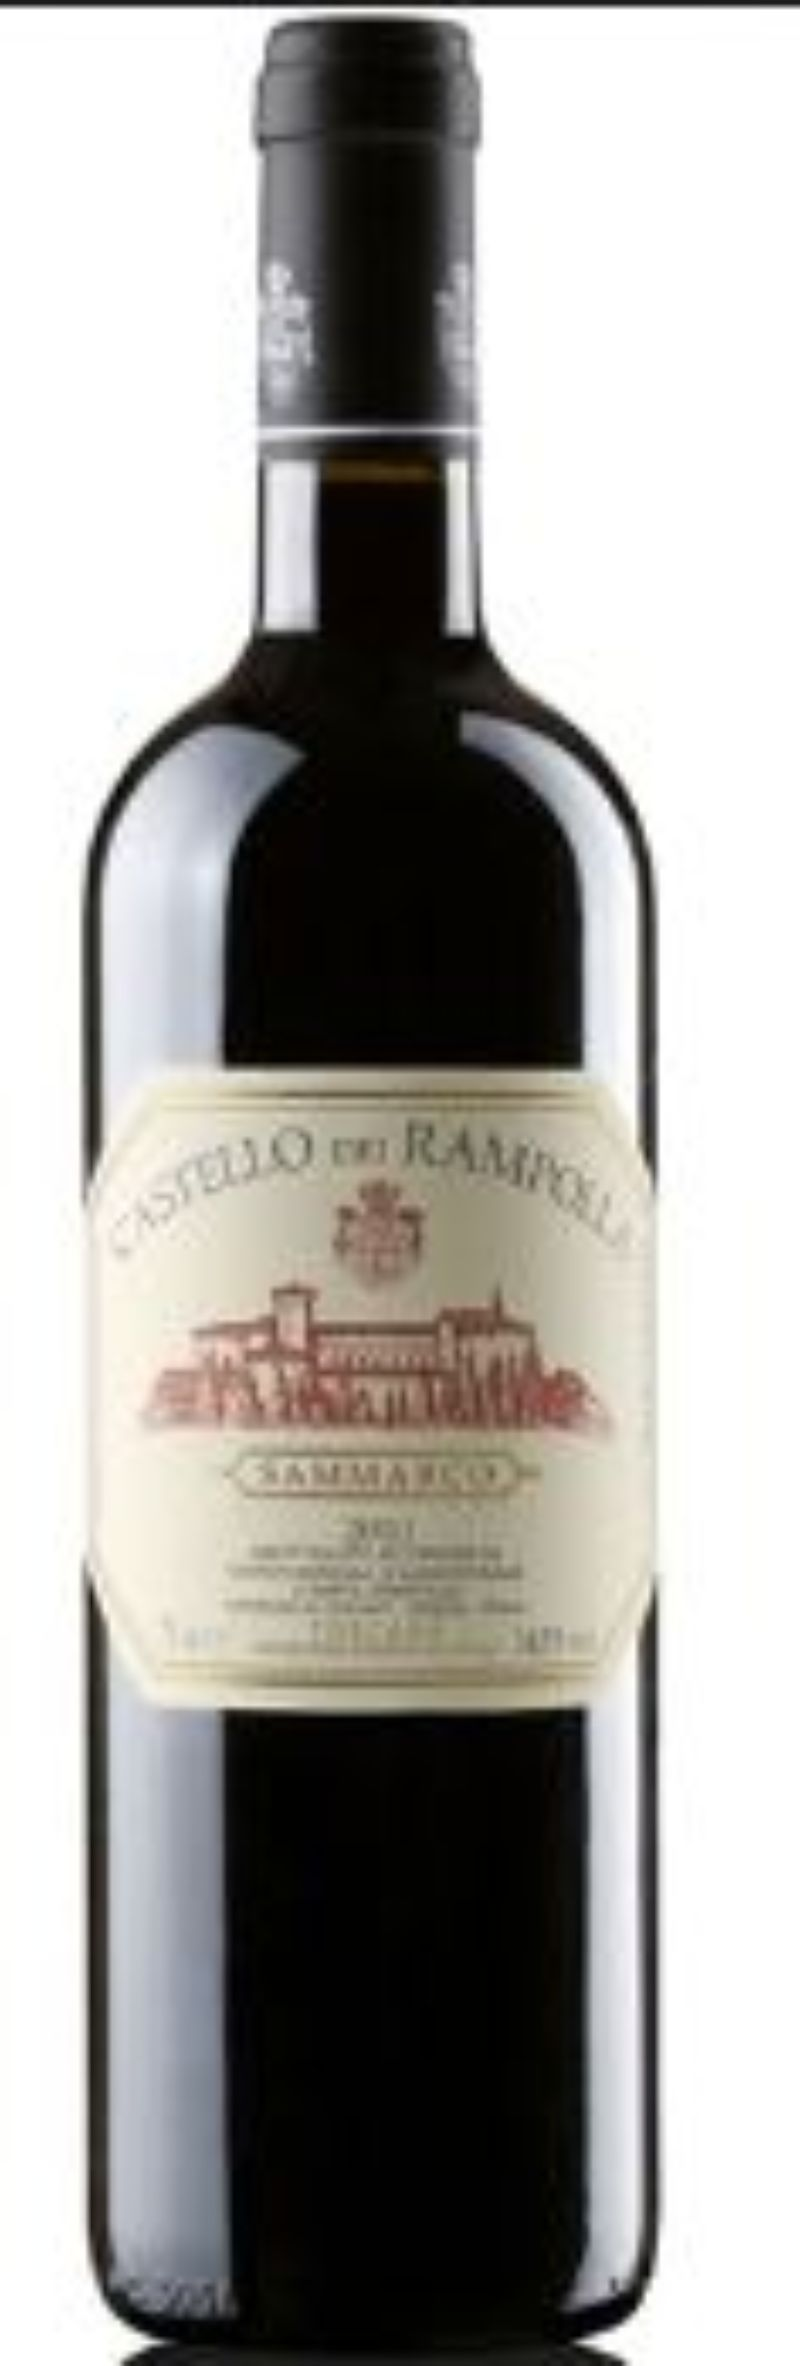 SAMMARCO-CASTELLO-DI-RAMPOLLA-1998-